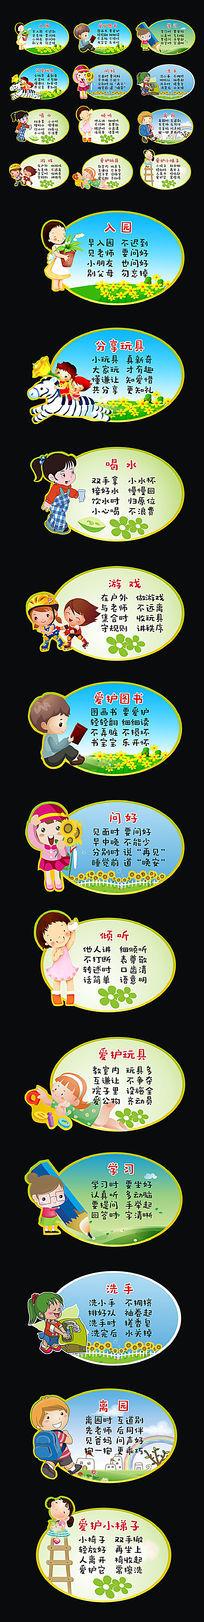 幼儿园小学生行为习惯海报贴 CDR